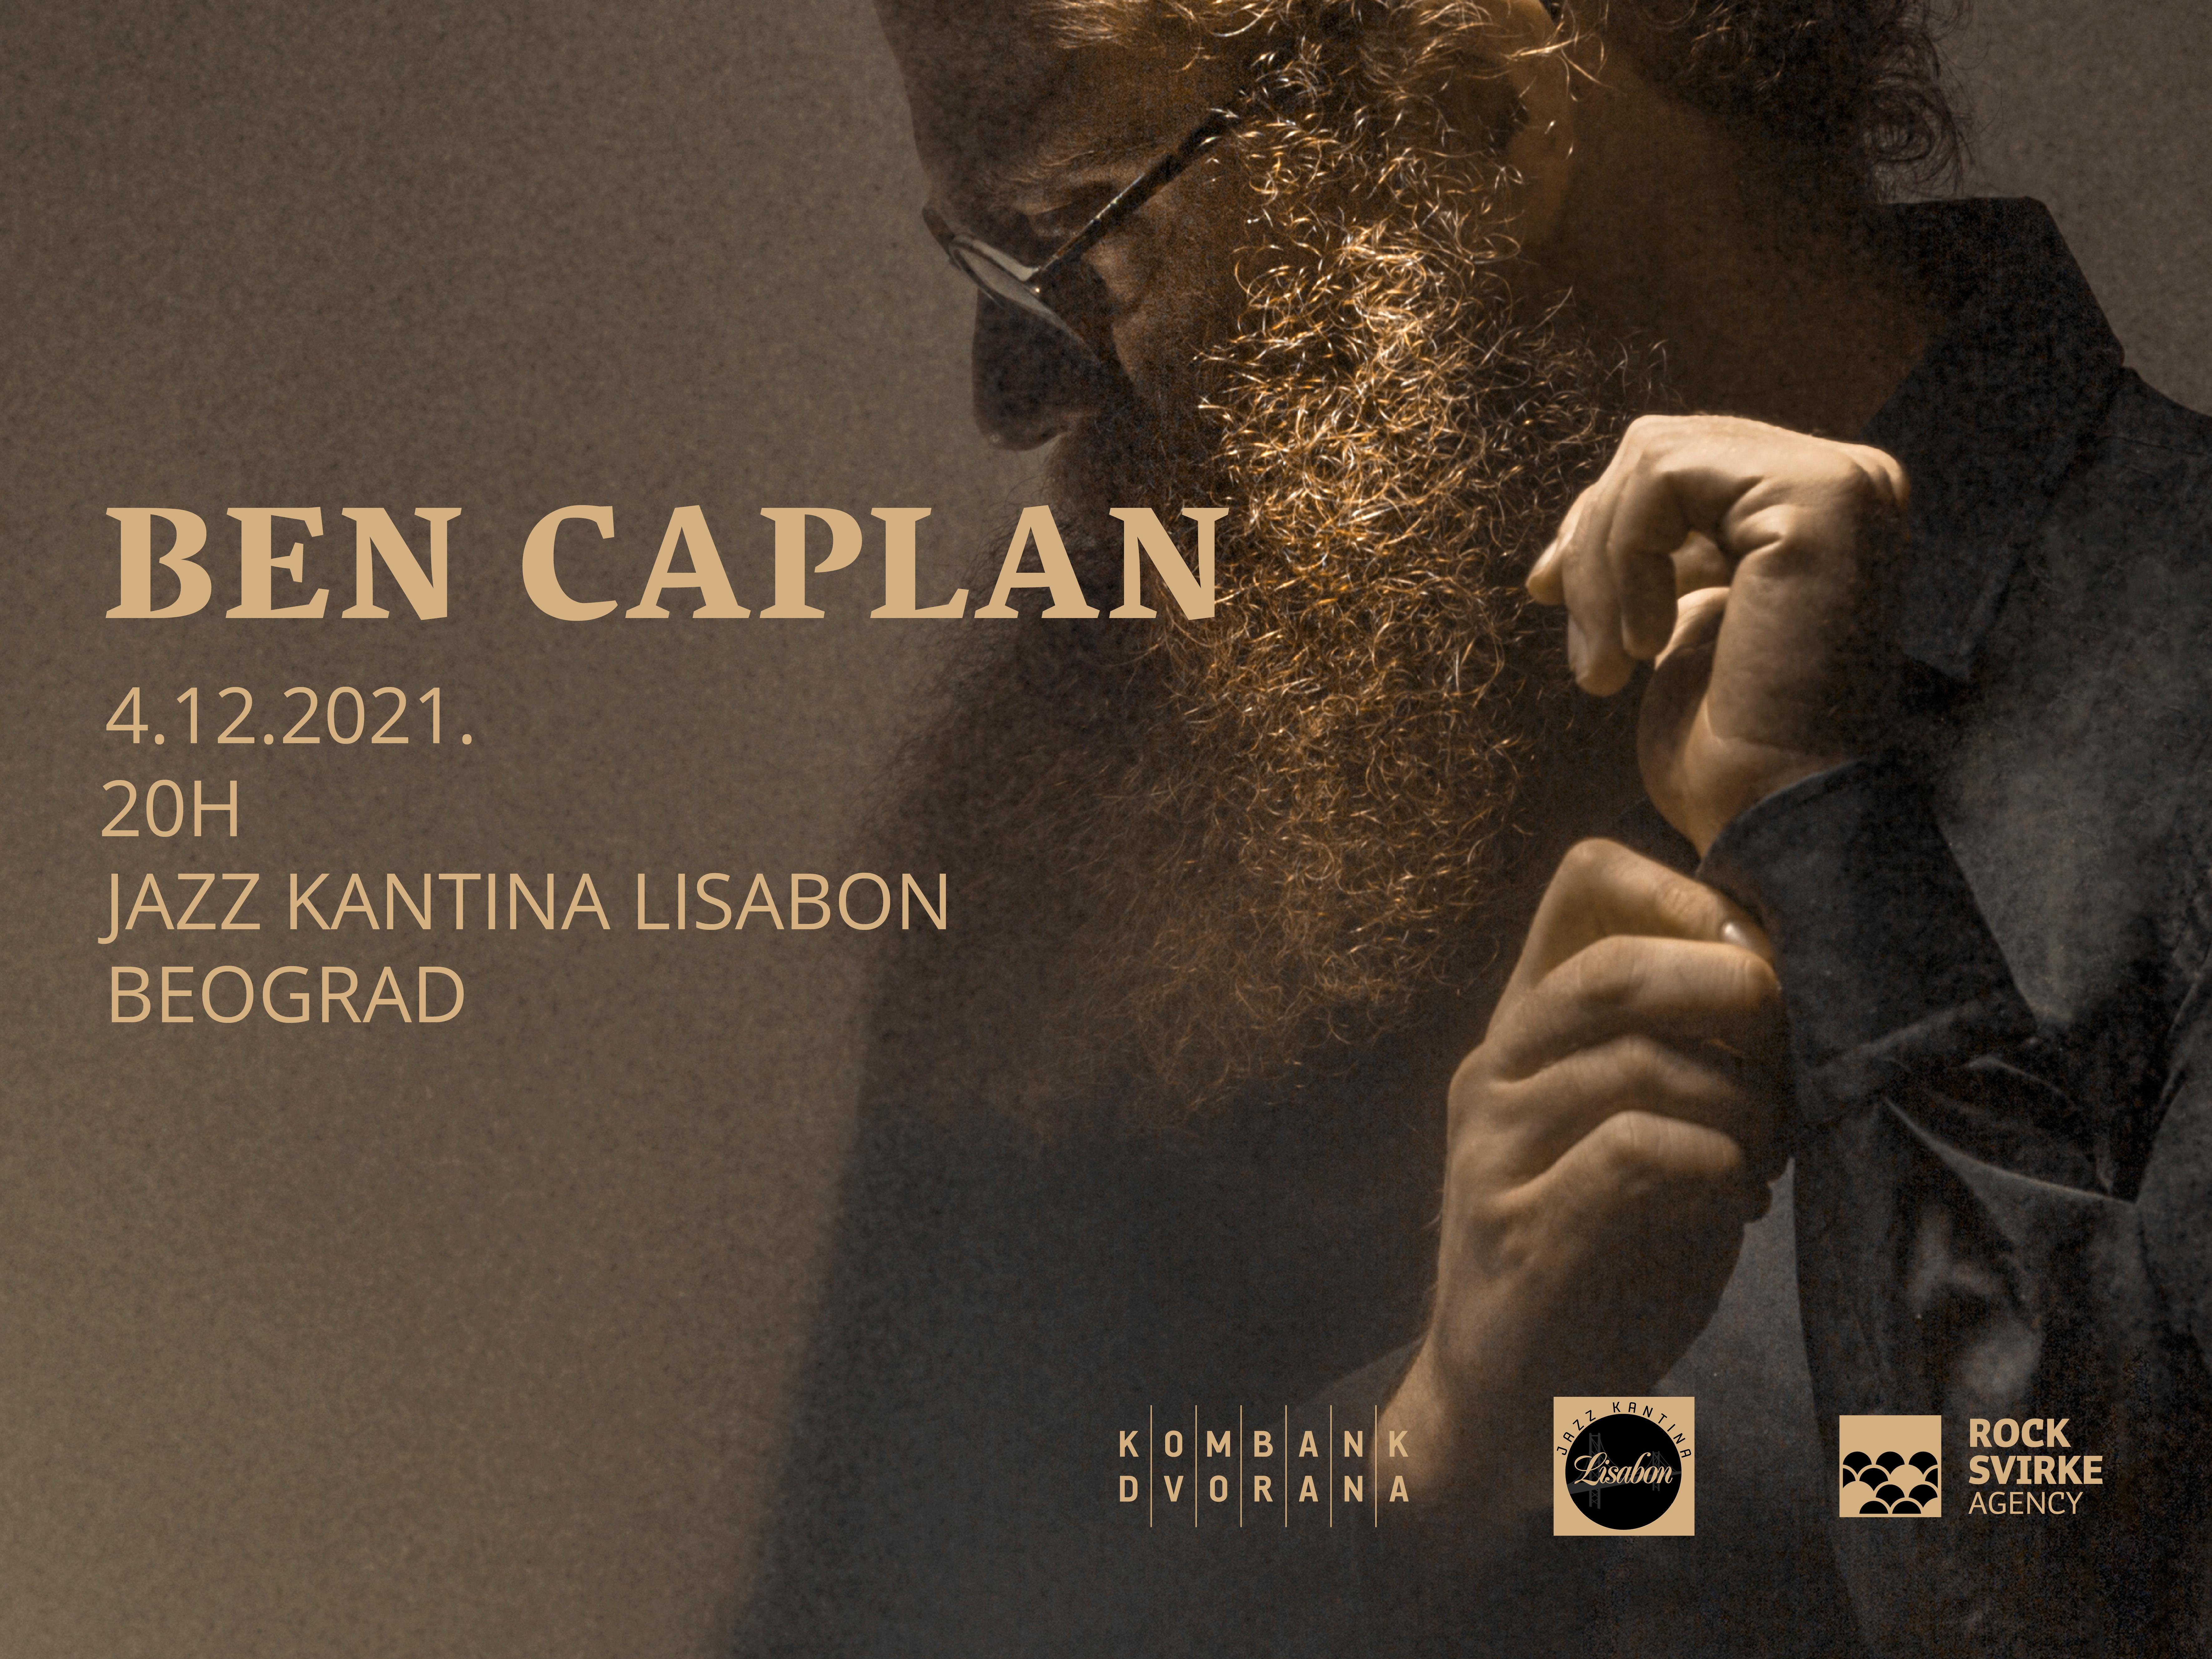 Ben Caplan Koncert